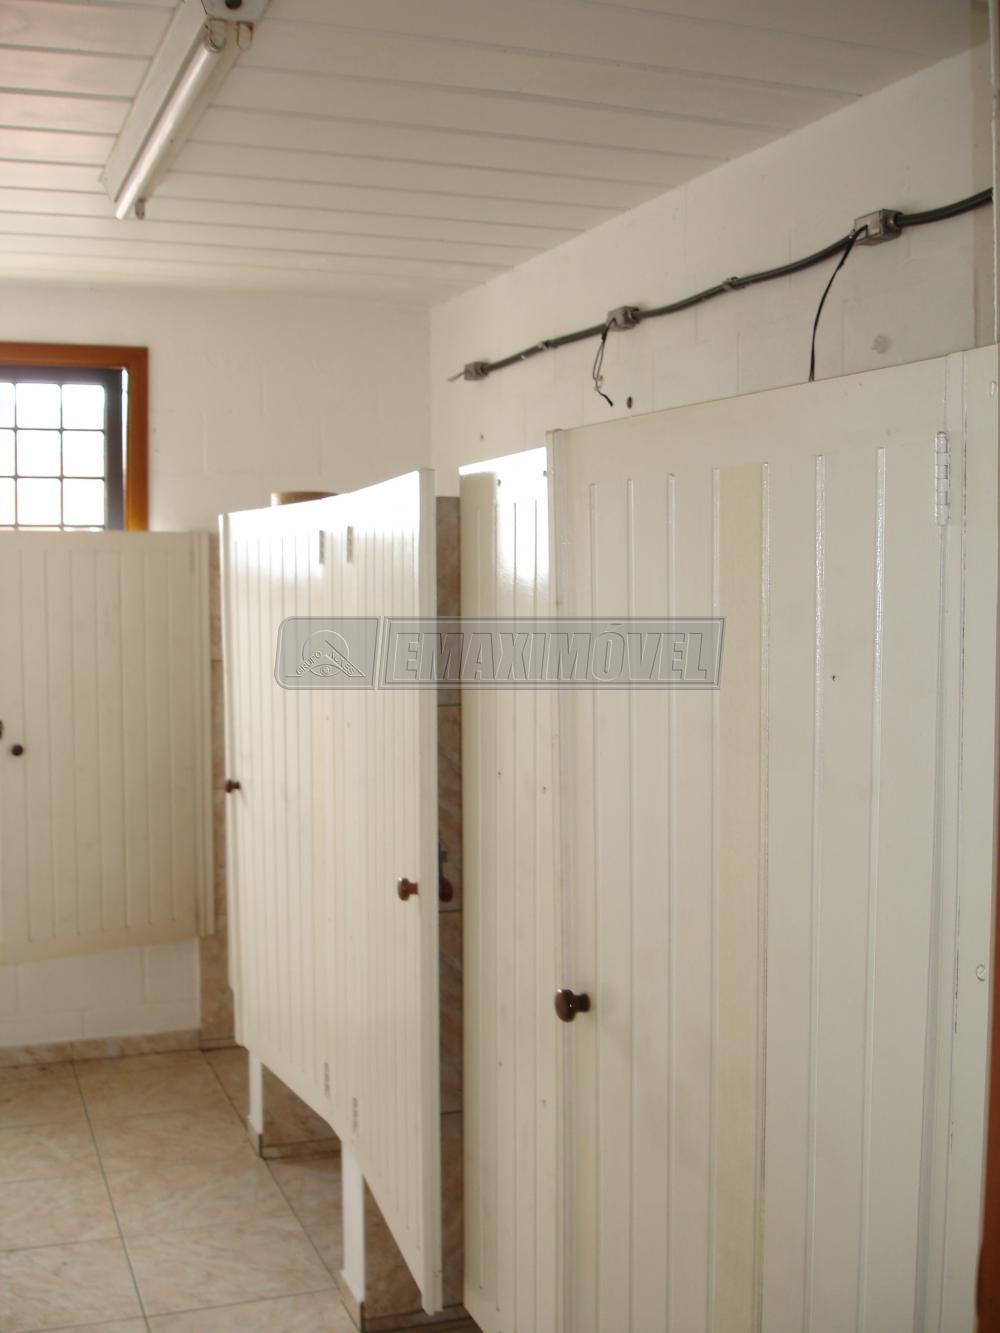 Alugar Comercial / Galpões em Sorocaba apenas R$ 4.000,00 - Foto 13